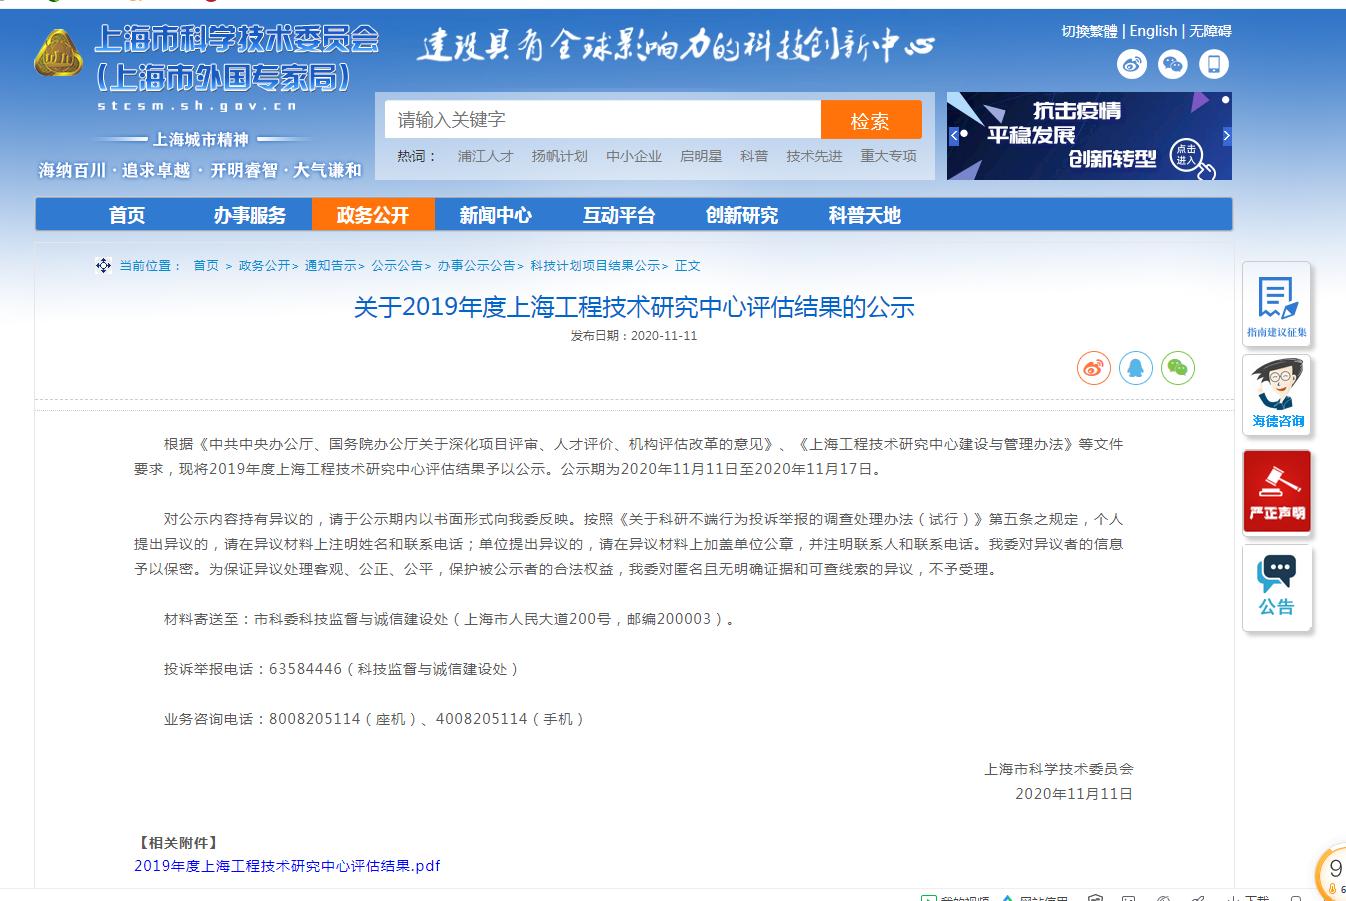 上海舜宇恒平喜获上海质谱工程技术研究中心评估优秀成绩